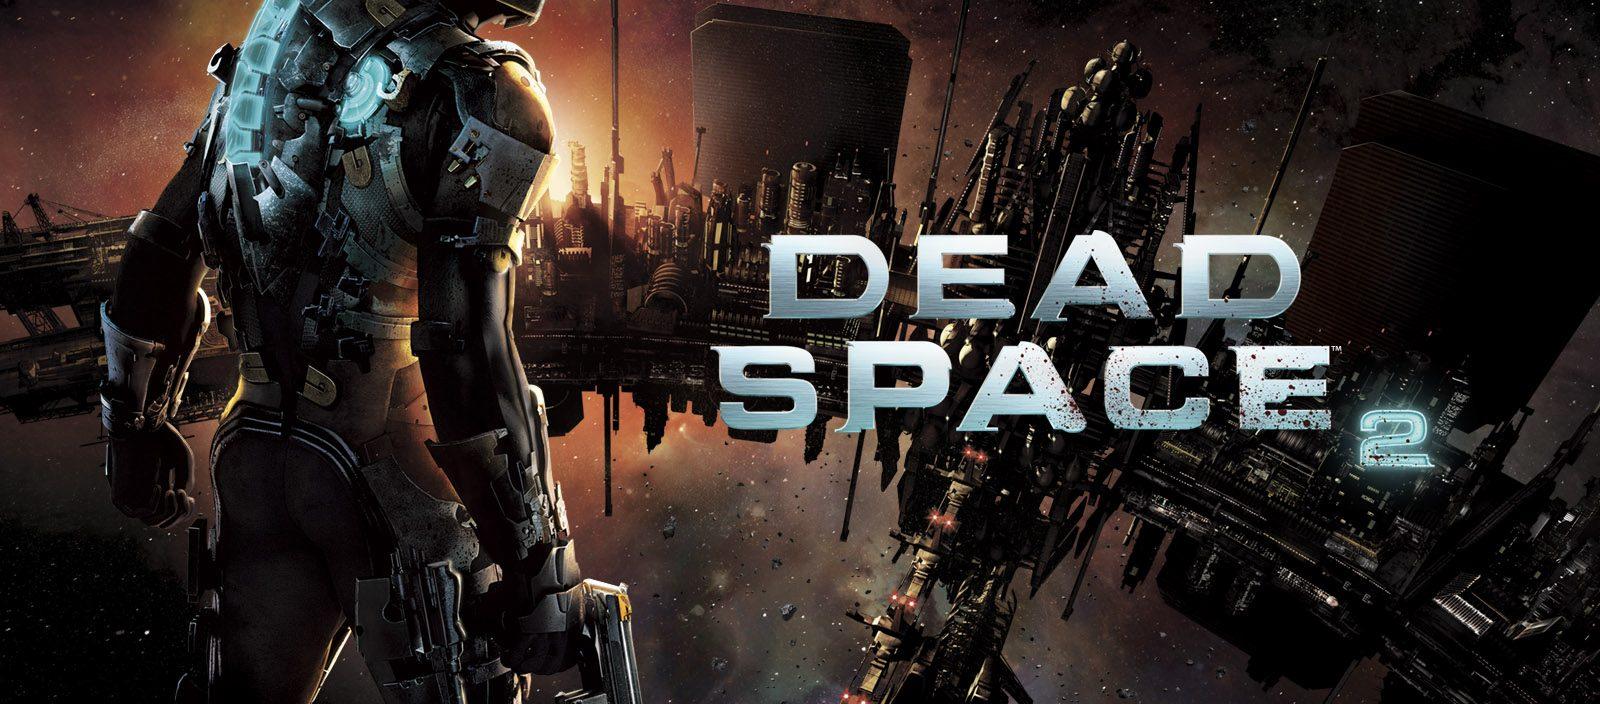 Assassin's Creed Syndicate e Dead Space 2 disponíveis de graça